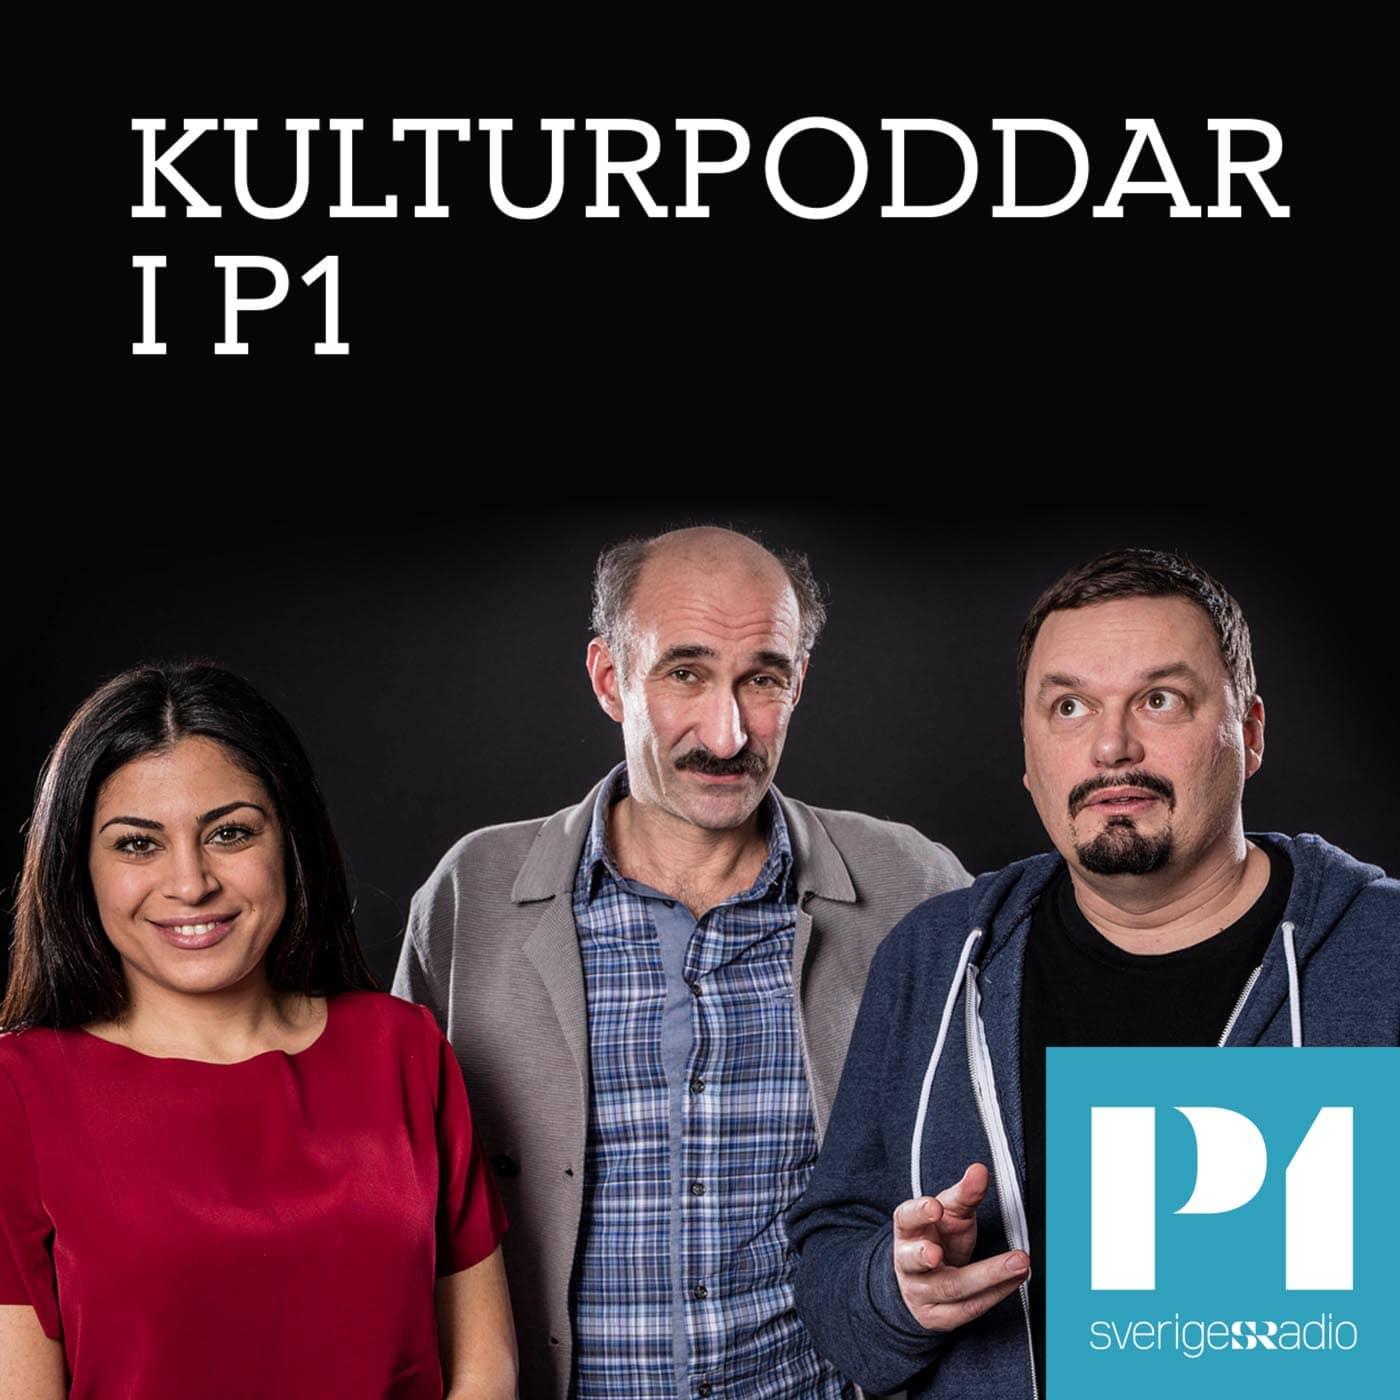 Kulturpoddar i P1